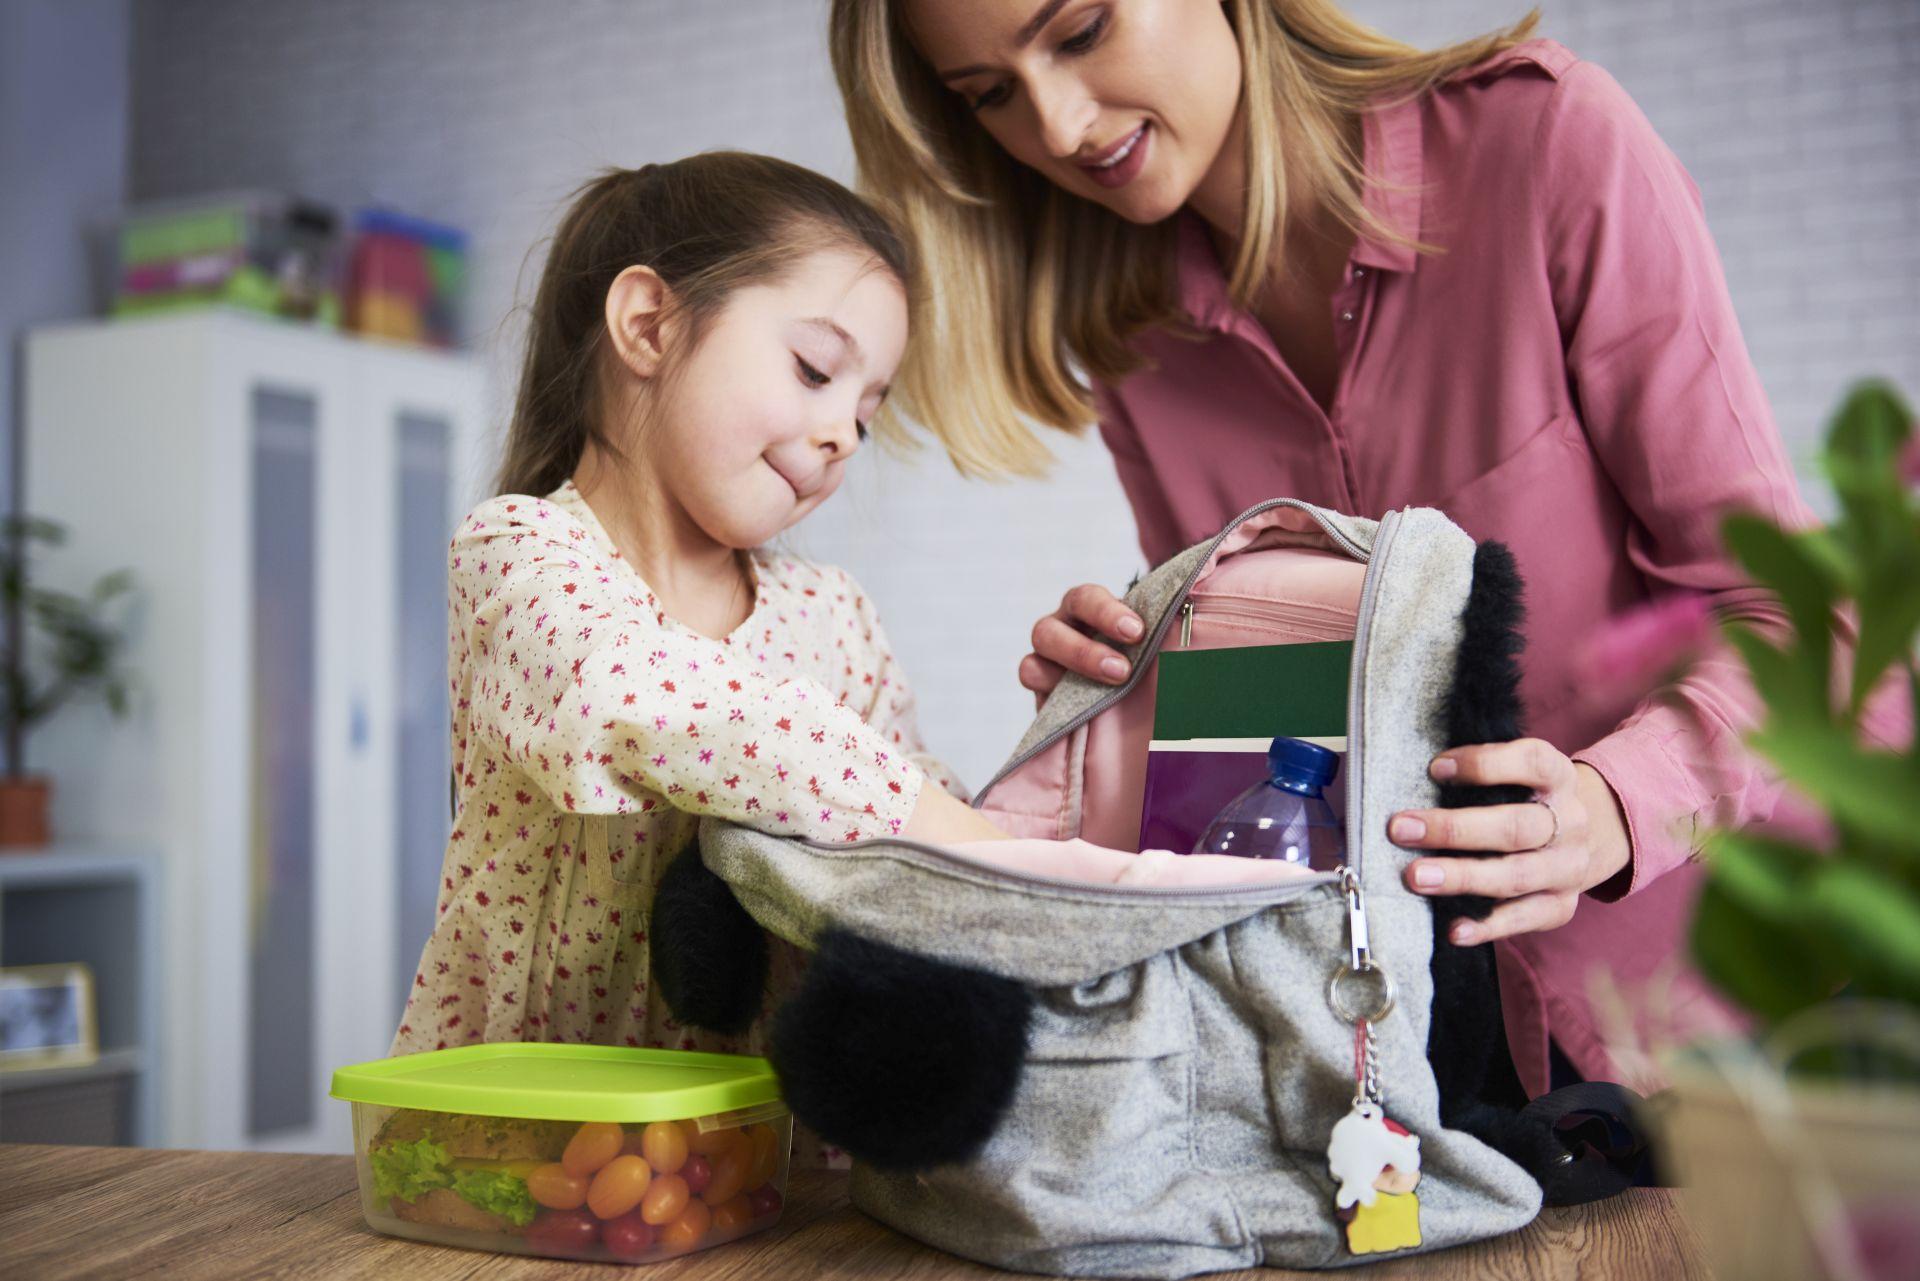 Lunch do szkoły dla dziecka powinien być zbilansowany i pożywny, aby pozytywnie wpływał na rozwój intelektualny, koncentrację i skupienie w trakcie nauki. Produkty z kwasem DHA i EPA, kwasami omega-3 są niezbędne w menu dla ucznia.